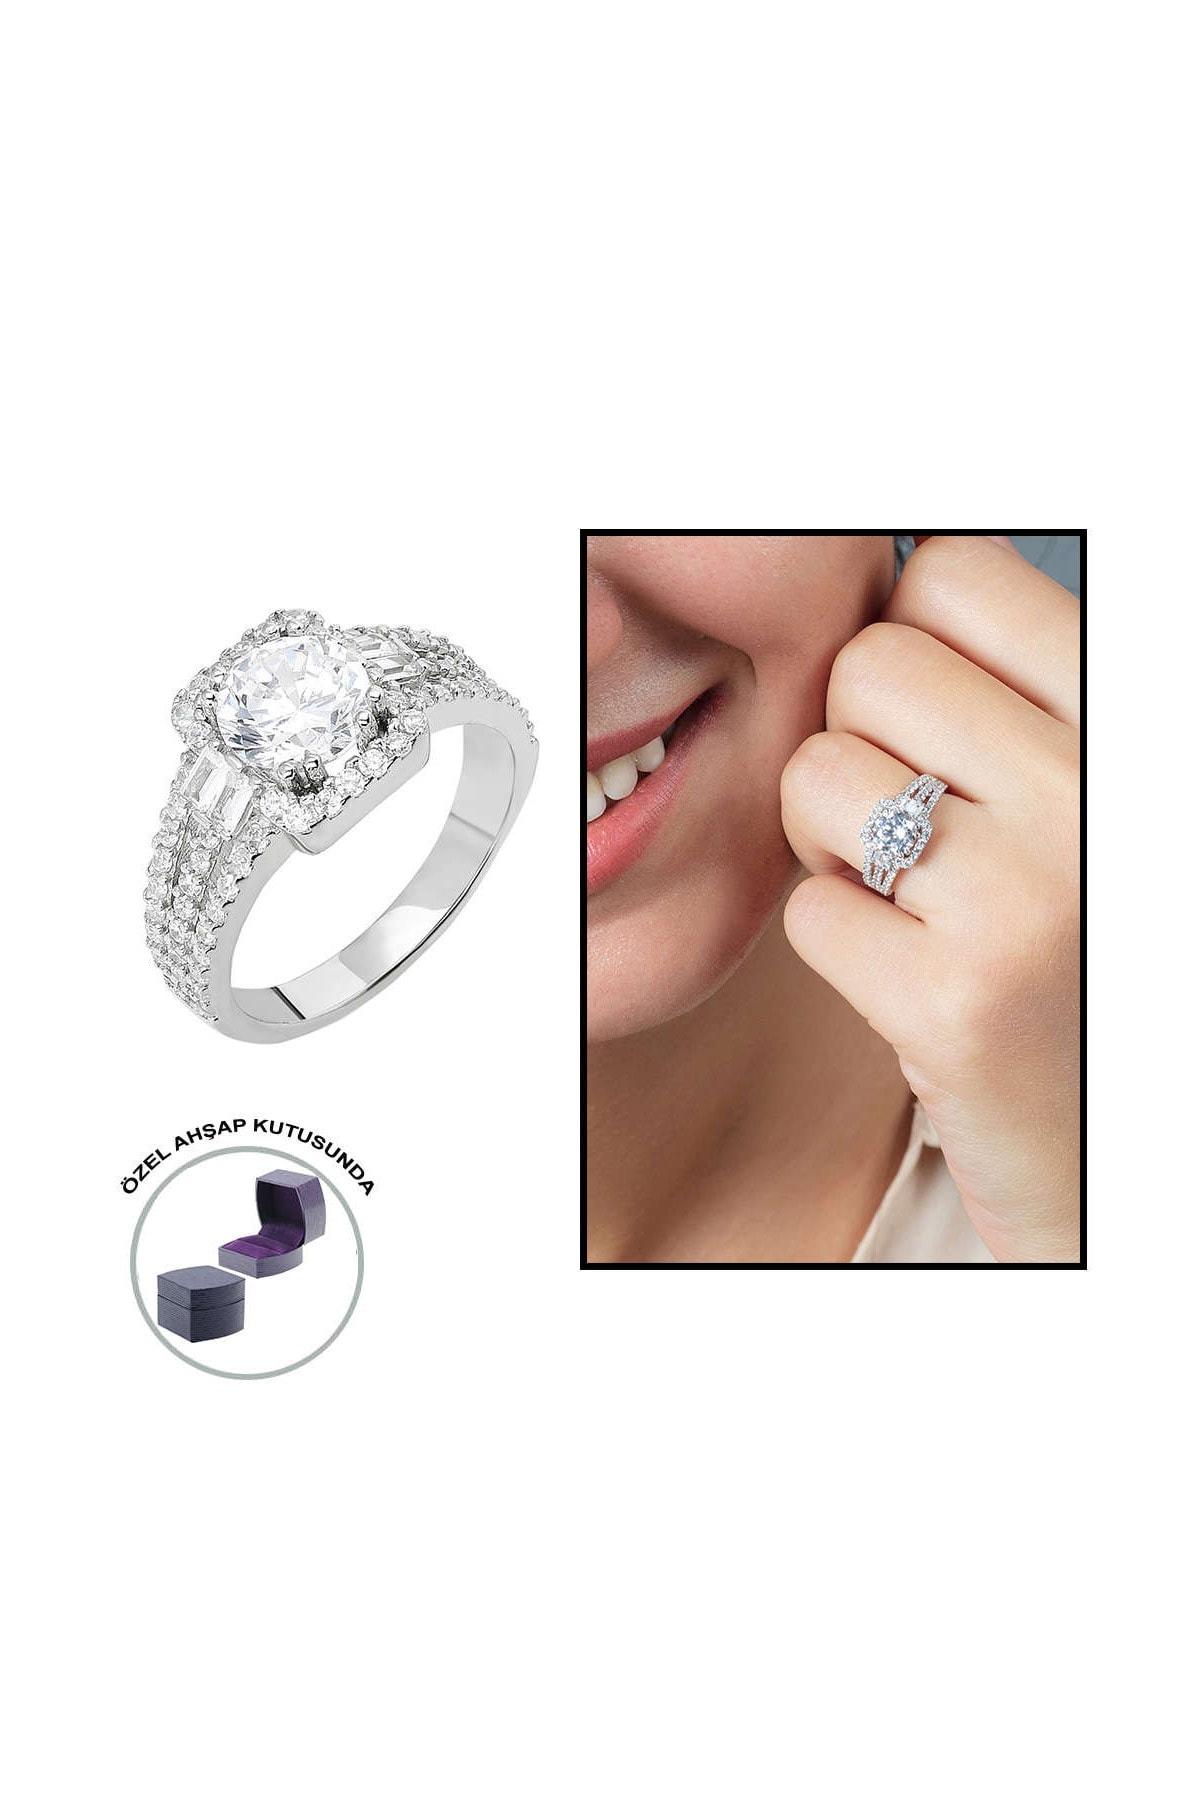 Tesbihane Starlight Diamond Pırlanta Montür Efektli 925 Ayar Gümüş Bayan Baget Yüzük 102001799 0